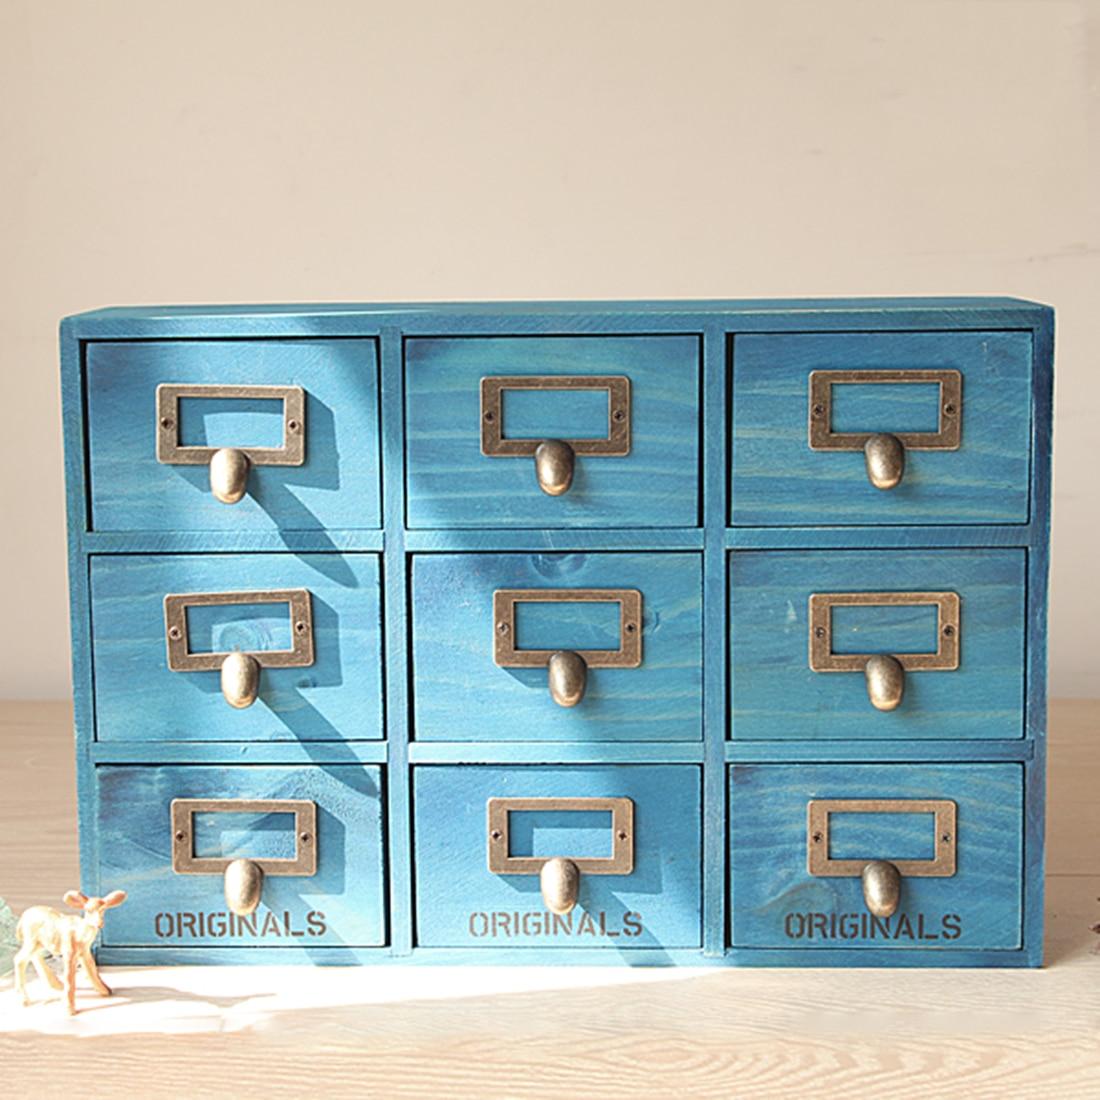 Retro Design Household Essentials 3 Level 9 Drawer Zakka Wooden